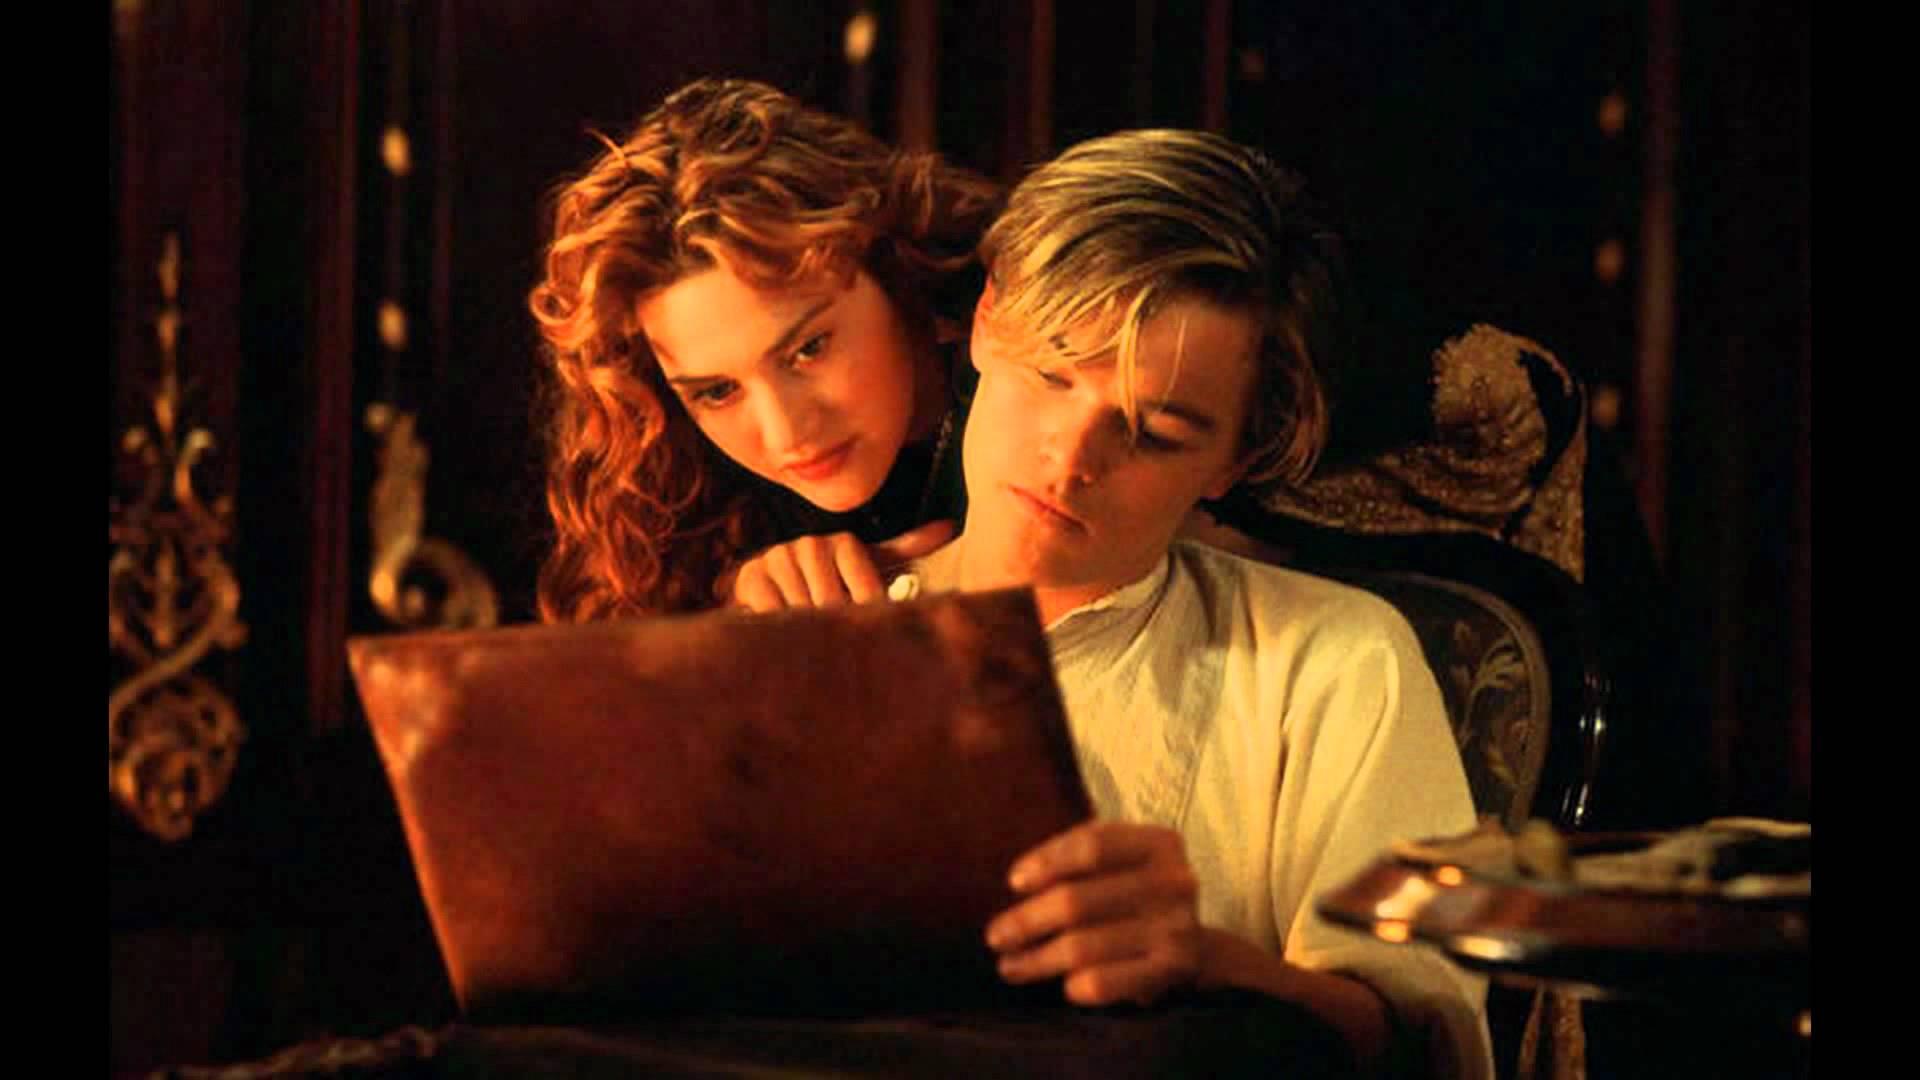 Pareja se ahoga durante sesión de fotos por intentar recrear una escena de Titanic